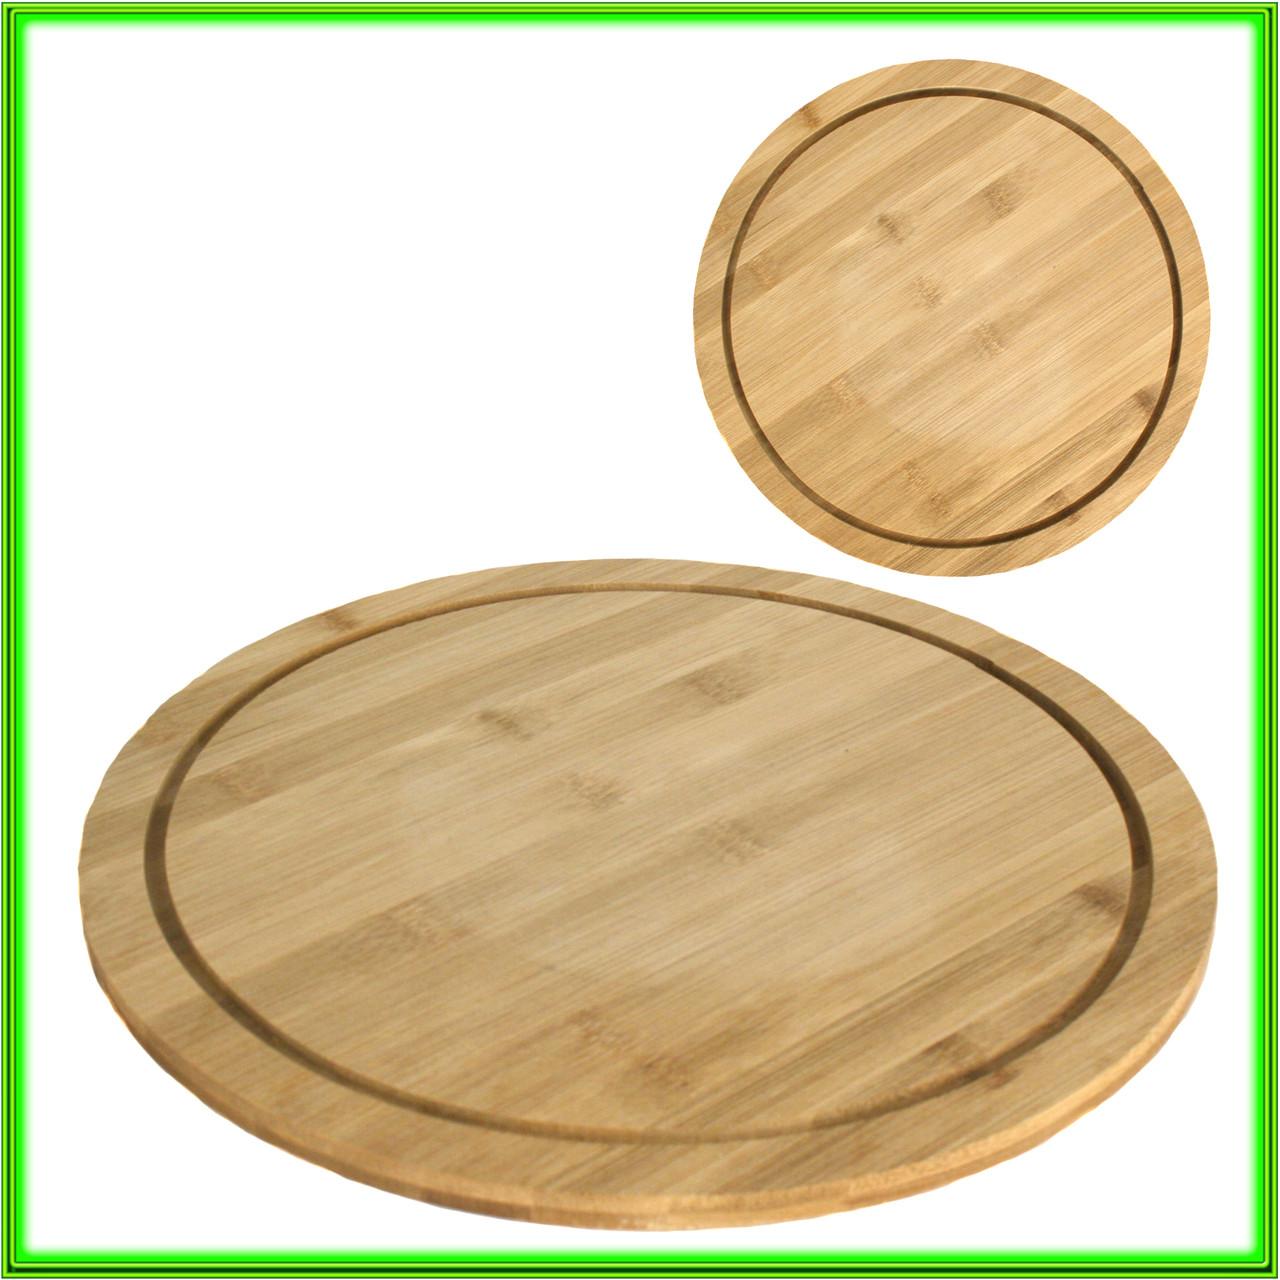 Доска для пиццы D 34 см бамбуковая толщина 1,1 см